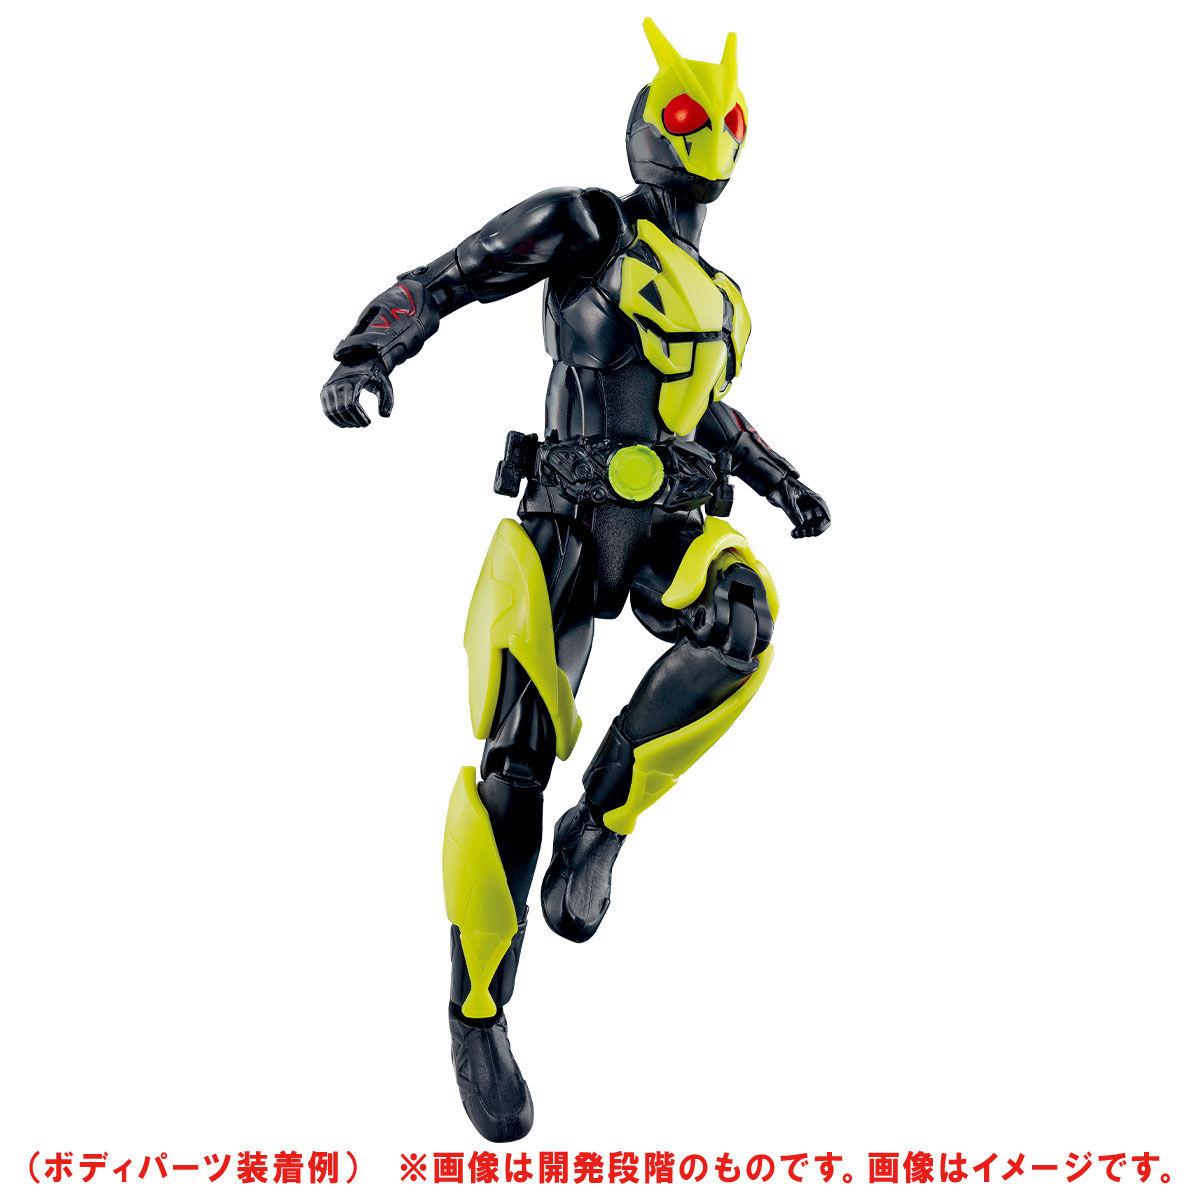 RKF RIDER KICK'S FIGURE 仮面ライダーゼロワン ハイブリッドライズフィギュア ライジングホッパー